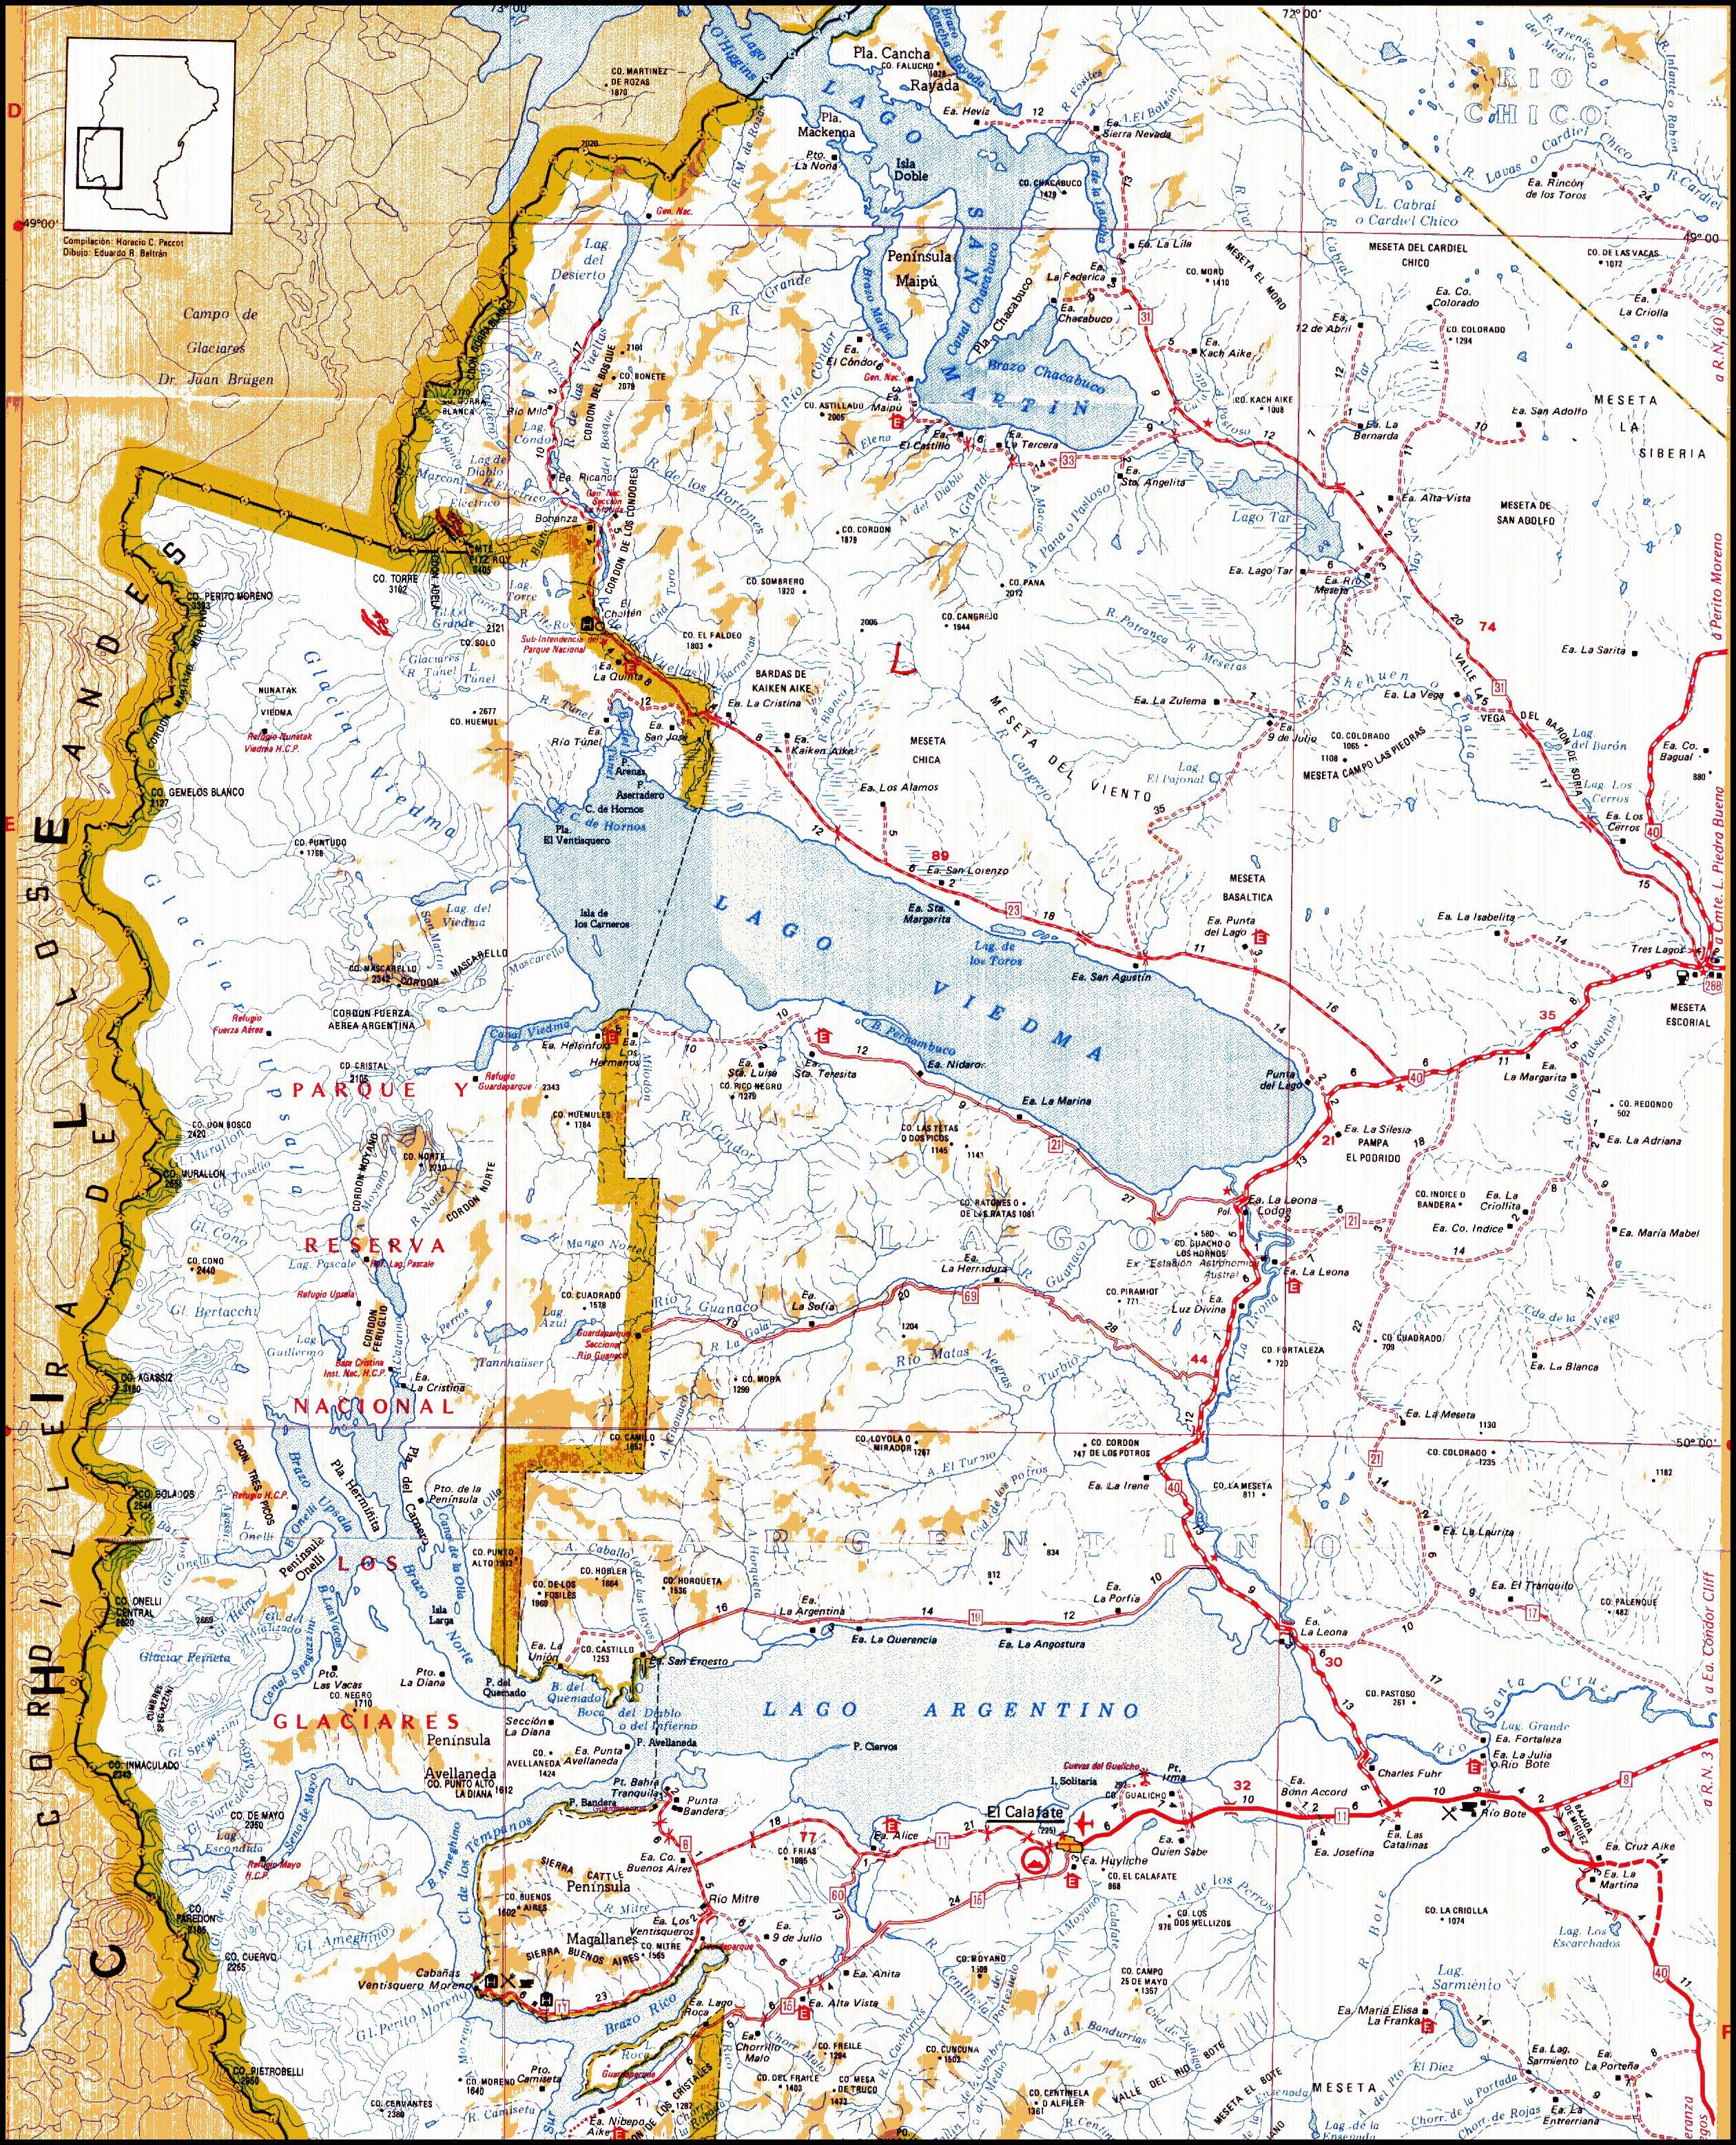 http://www.ombian.com.ar/SANTA_CRUZ_2008/mapa_aca_grande.jpg